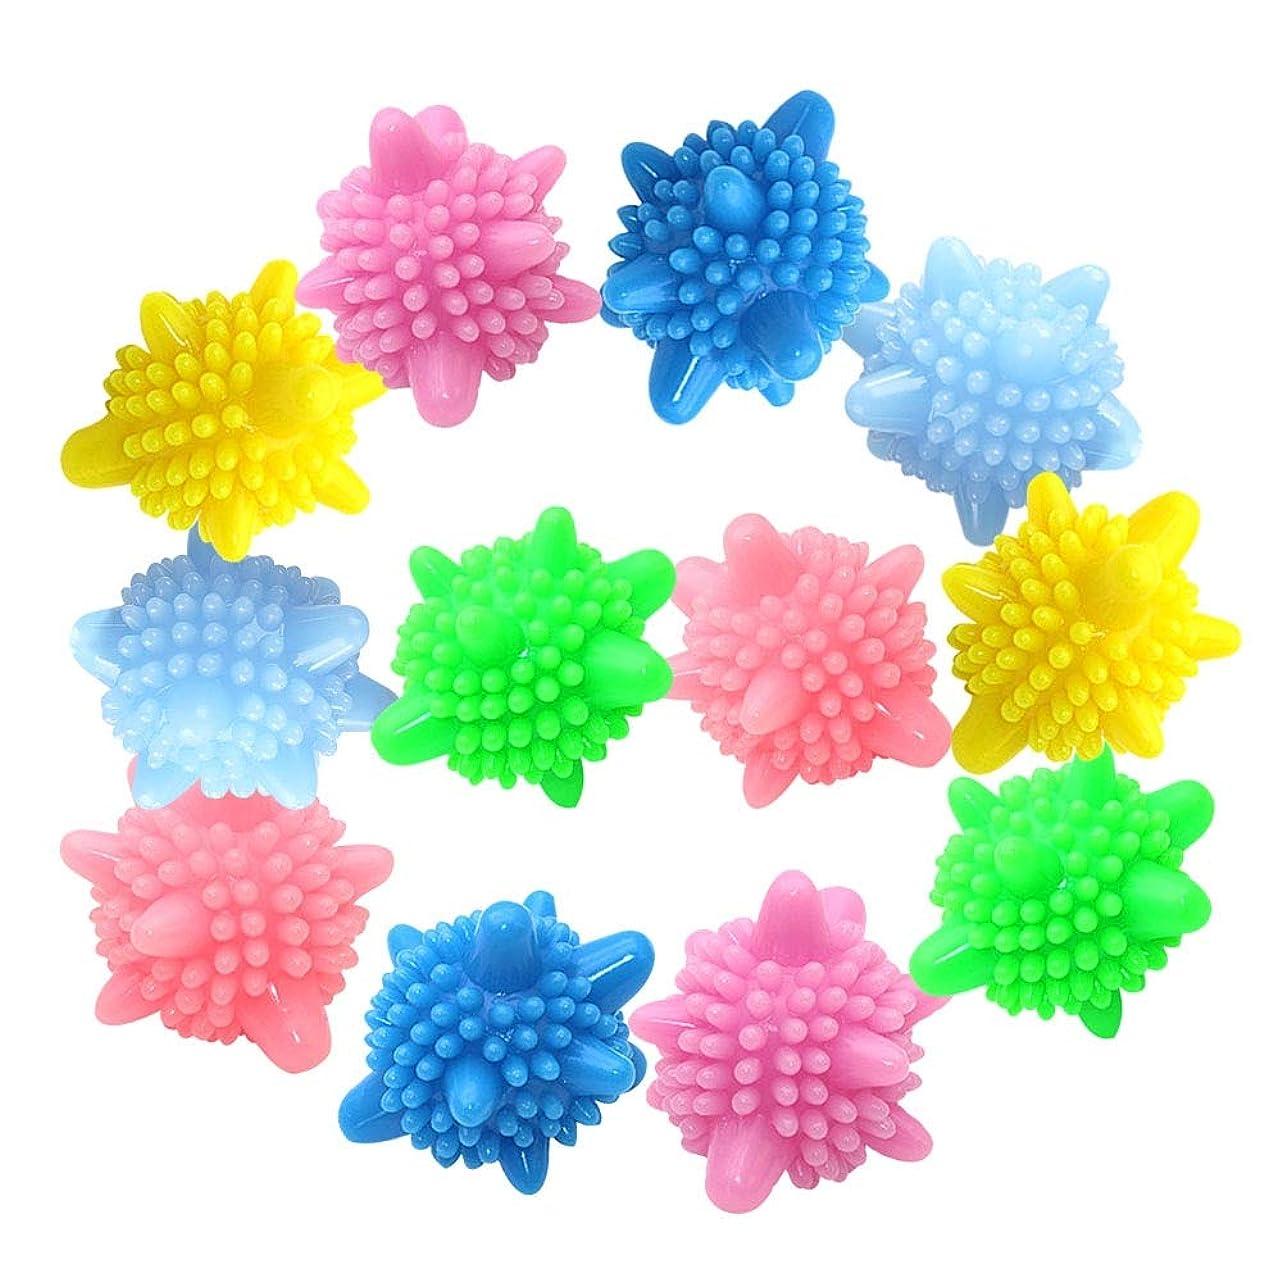 皮肉な美人定期的再使用可能な洗濯用ボール 環境に優しい洗濯機ボール クリーニングアンチワインディングクリーンボール 12個